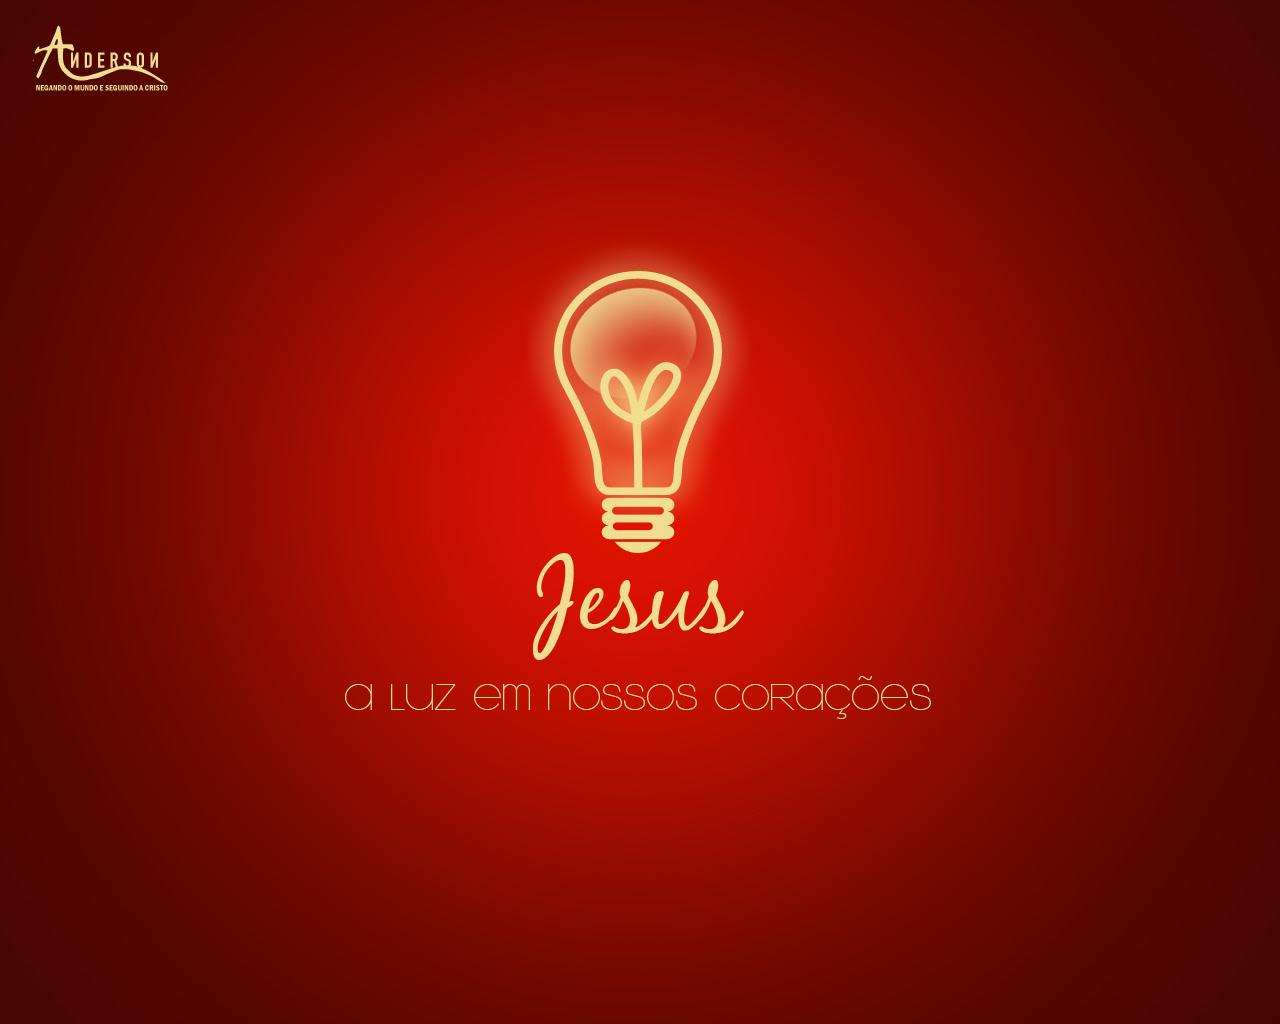 Momentos Com Deus Frases Que Edificam